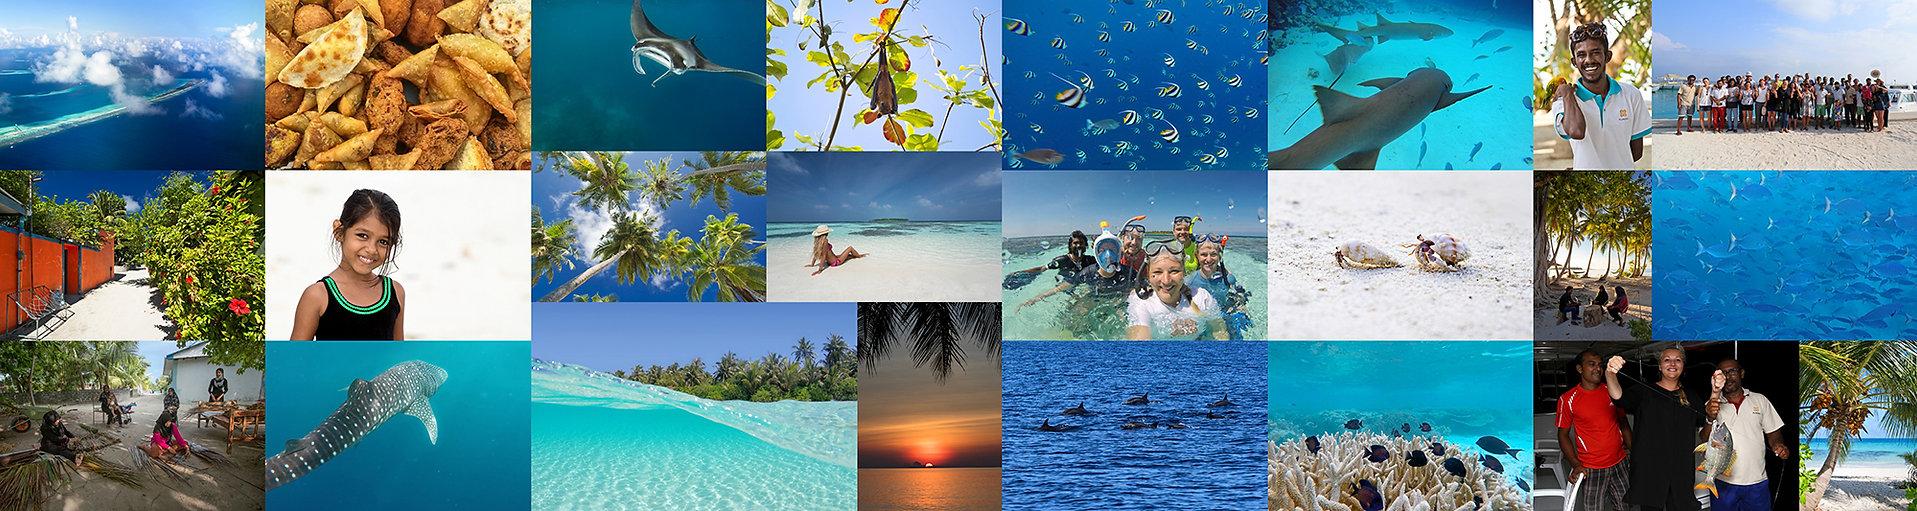 Maledivy s průvodcem - Poznání Alif Dhaal atolu